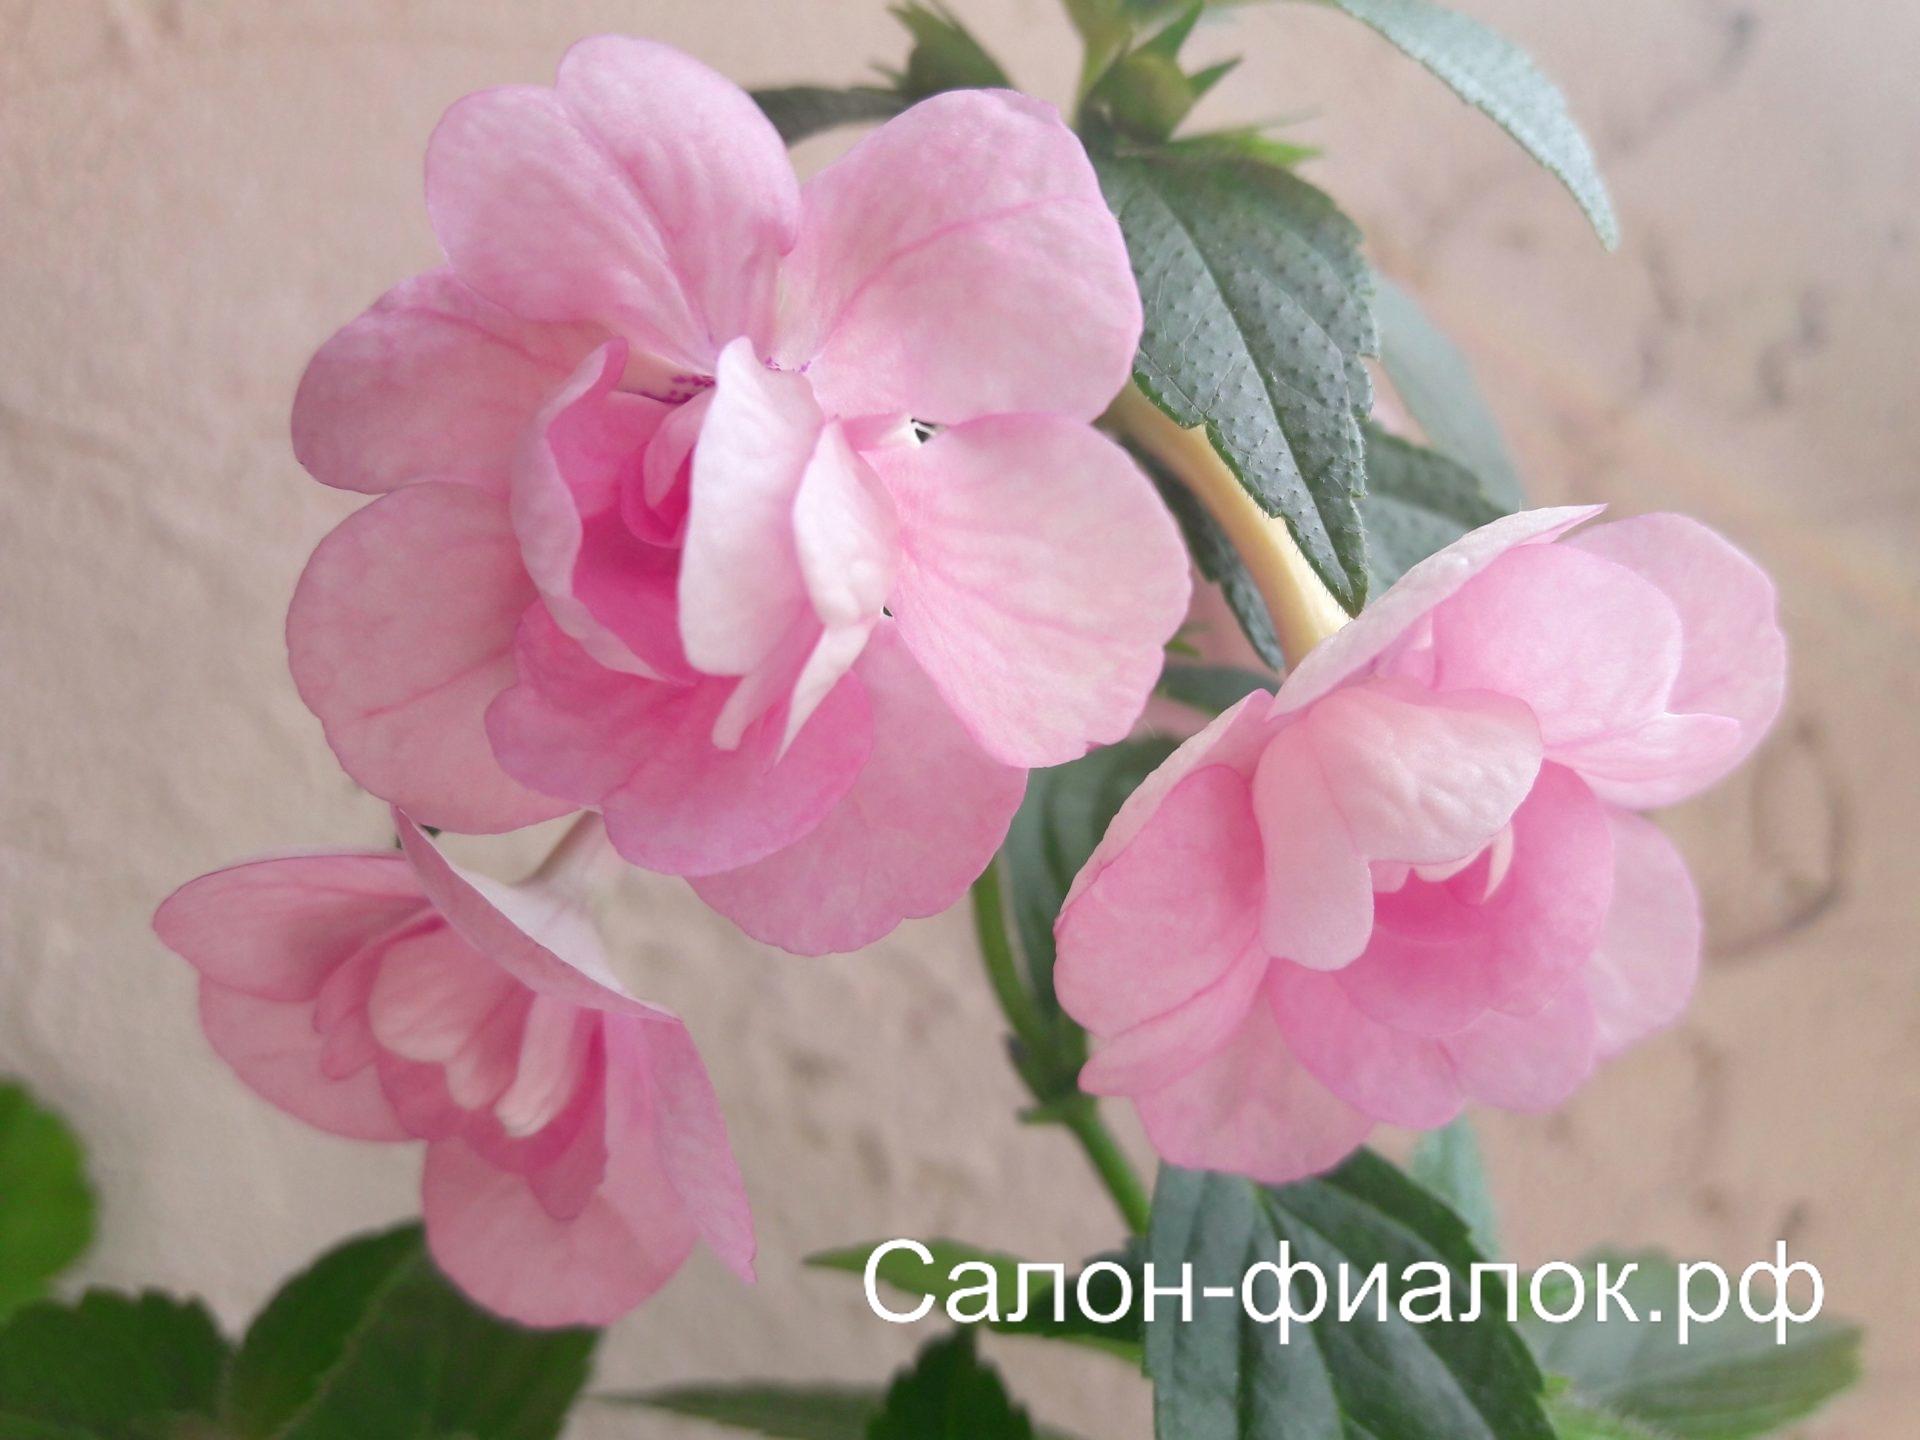 Double Pink Rose (пророщенная ризома)